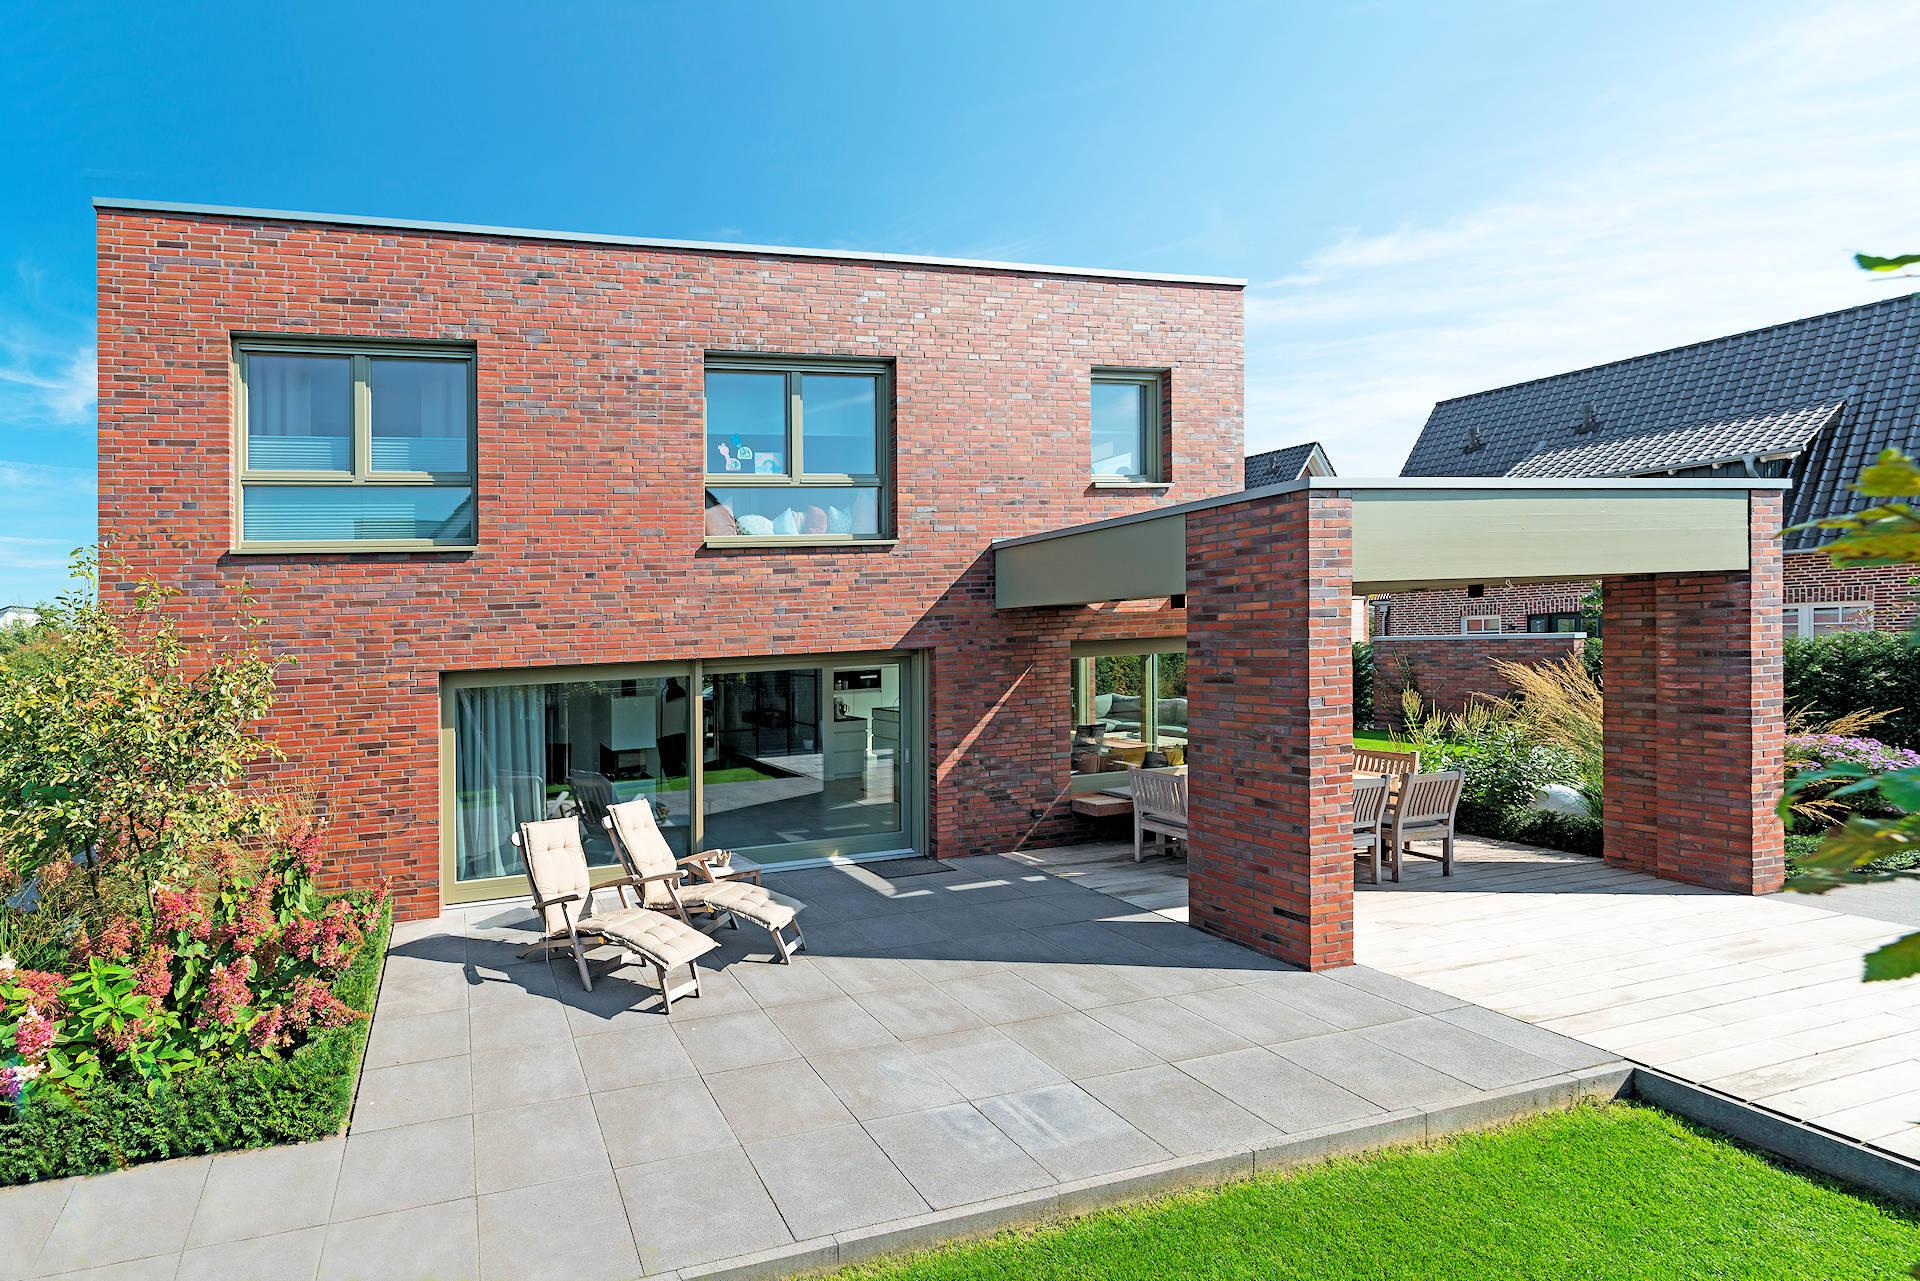 modernes Holzhaus mit Kinkerfassade, 2-geschossig, Terrassenüberdachung